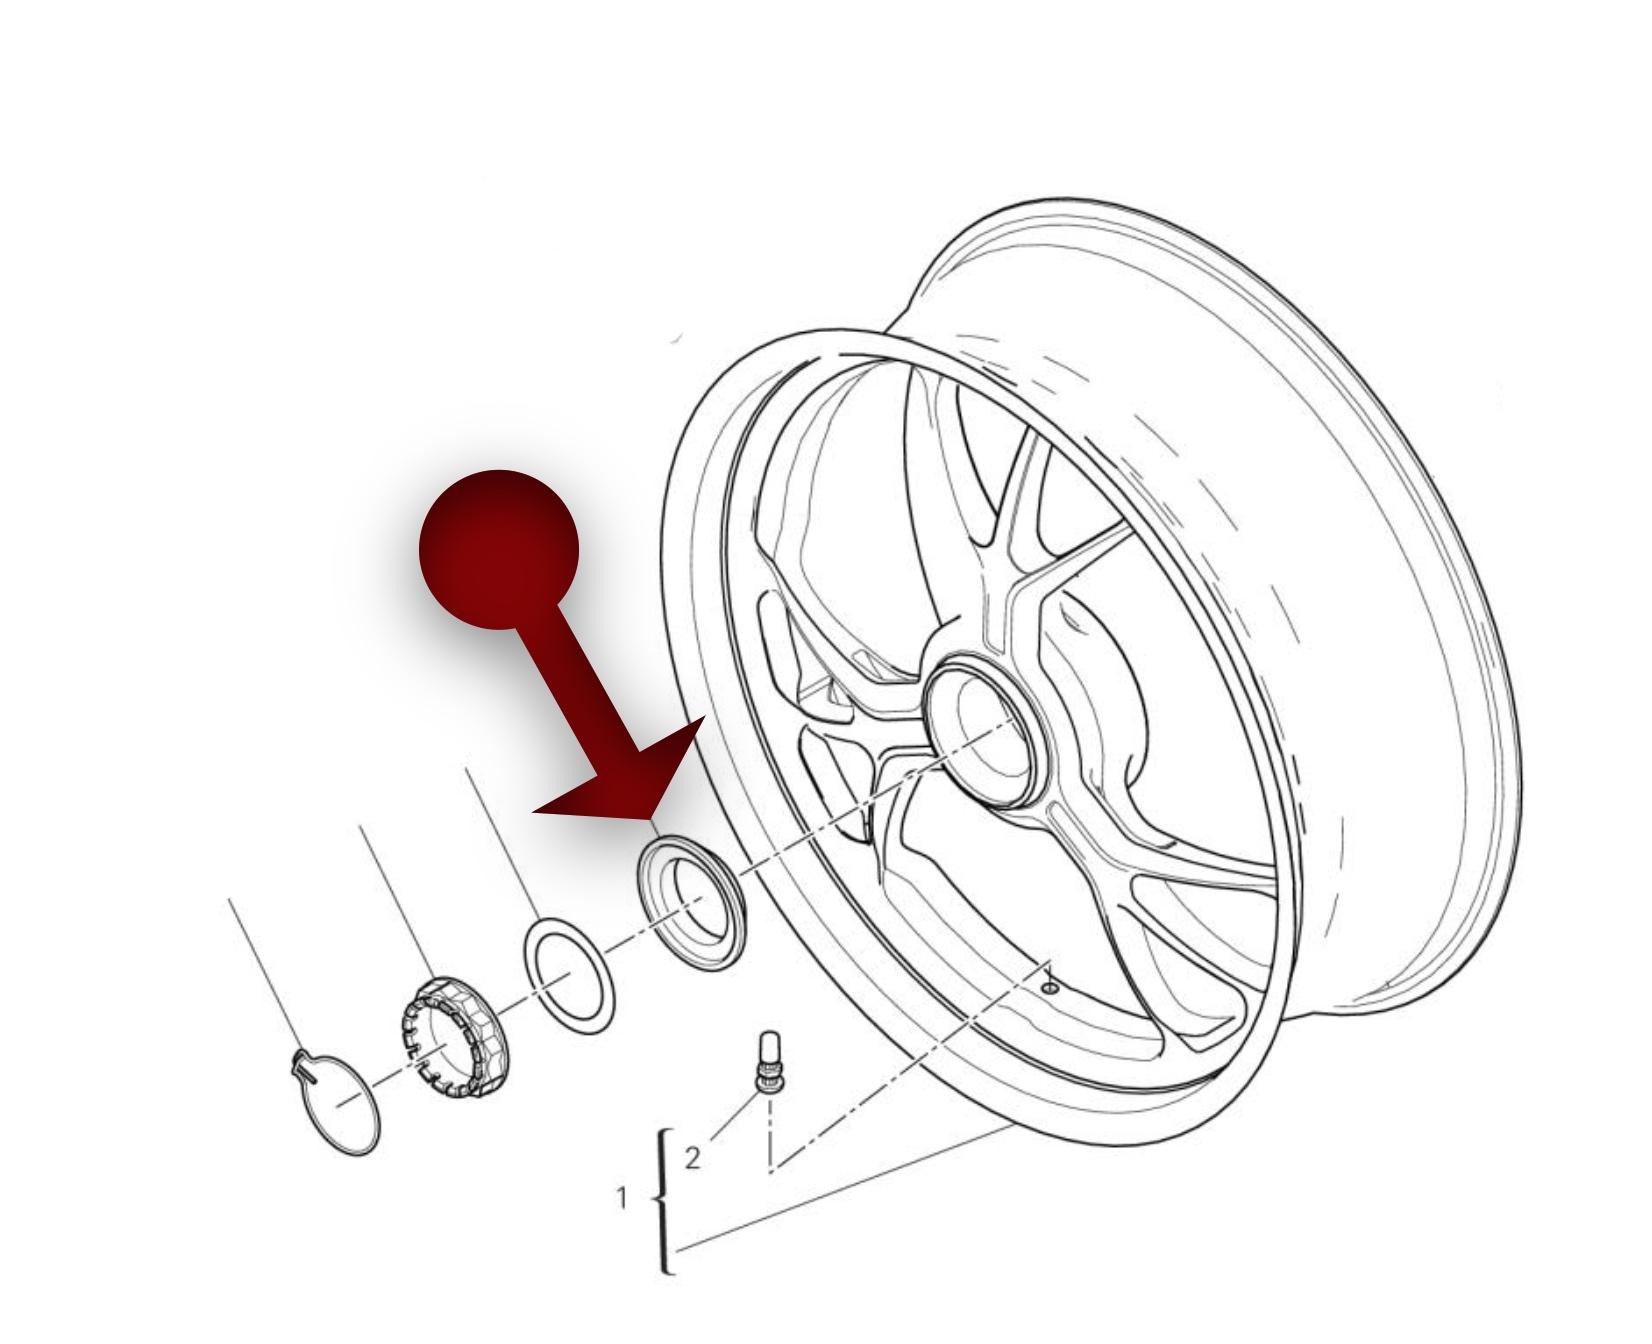 Rear Wheel Axle Nut Cone by AEM Factory (DU009-CONE)